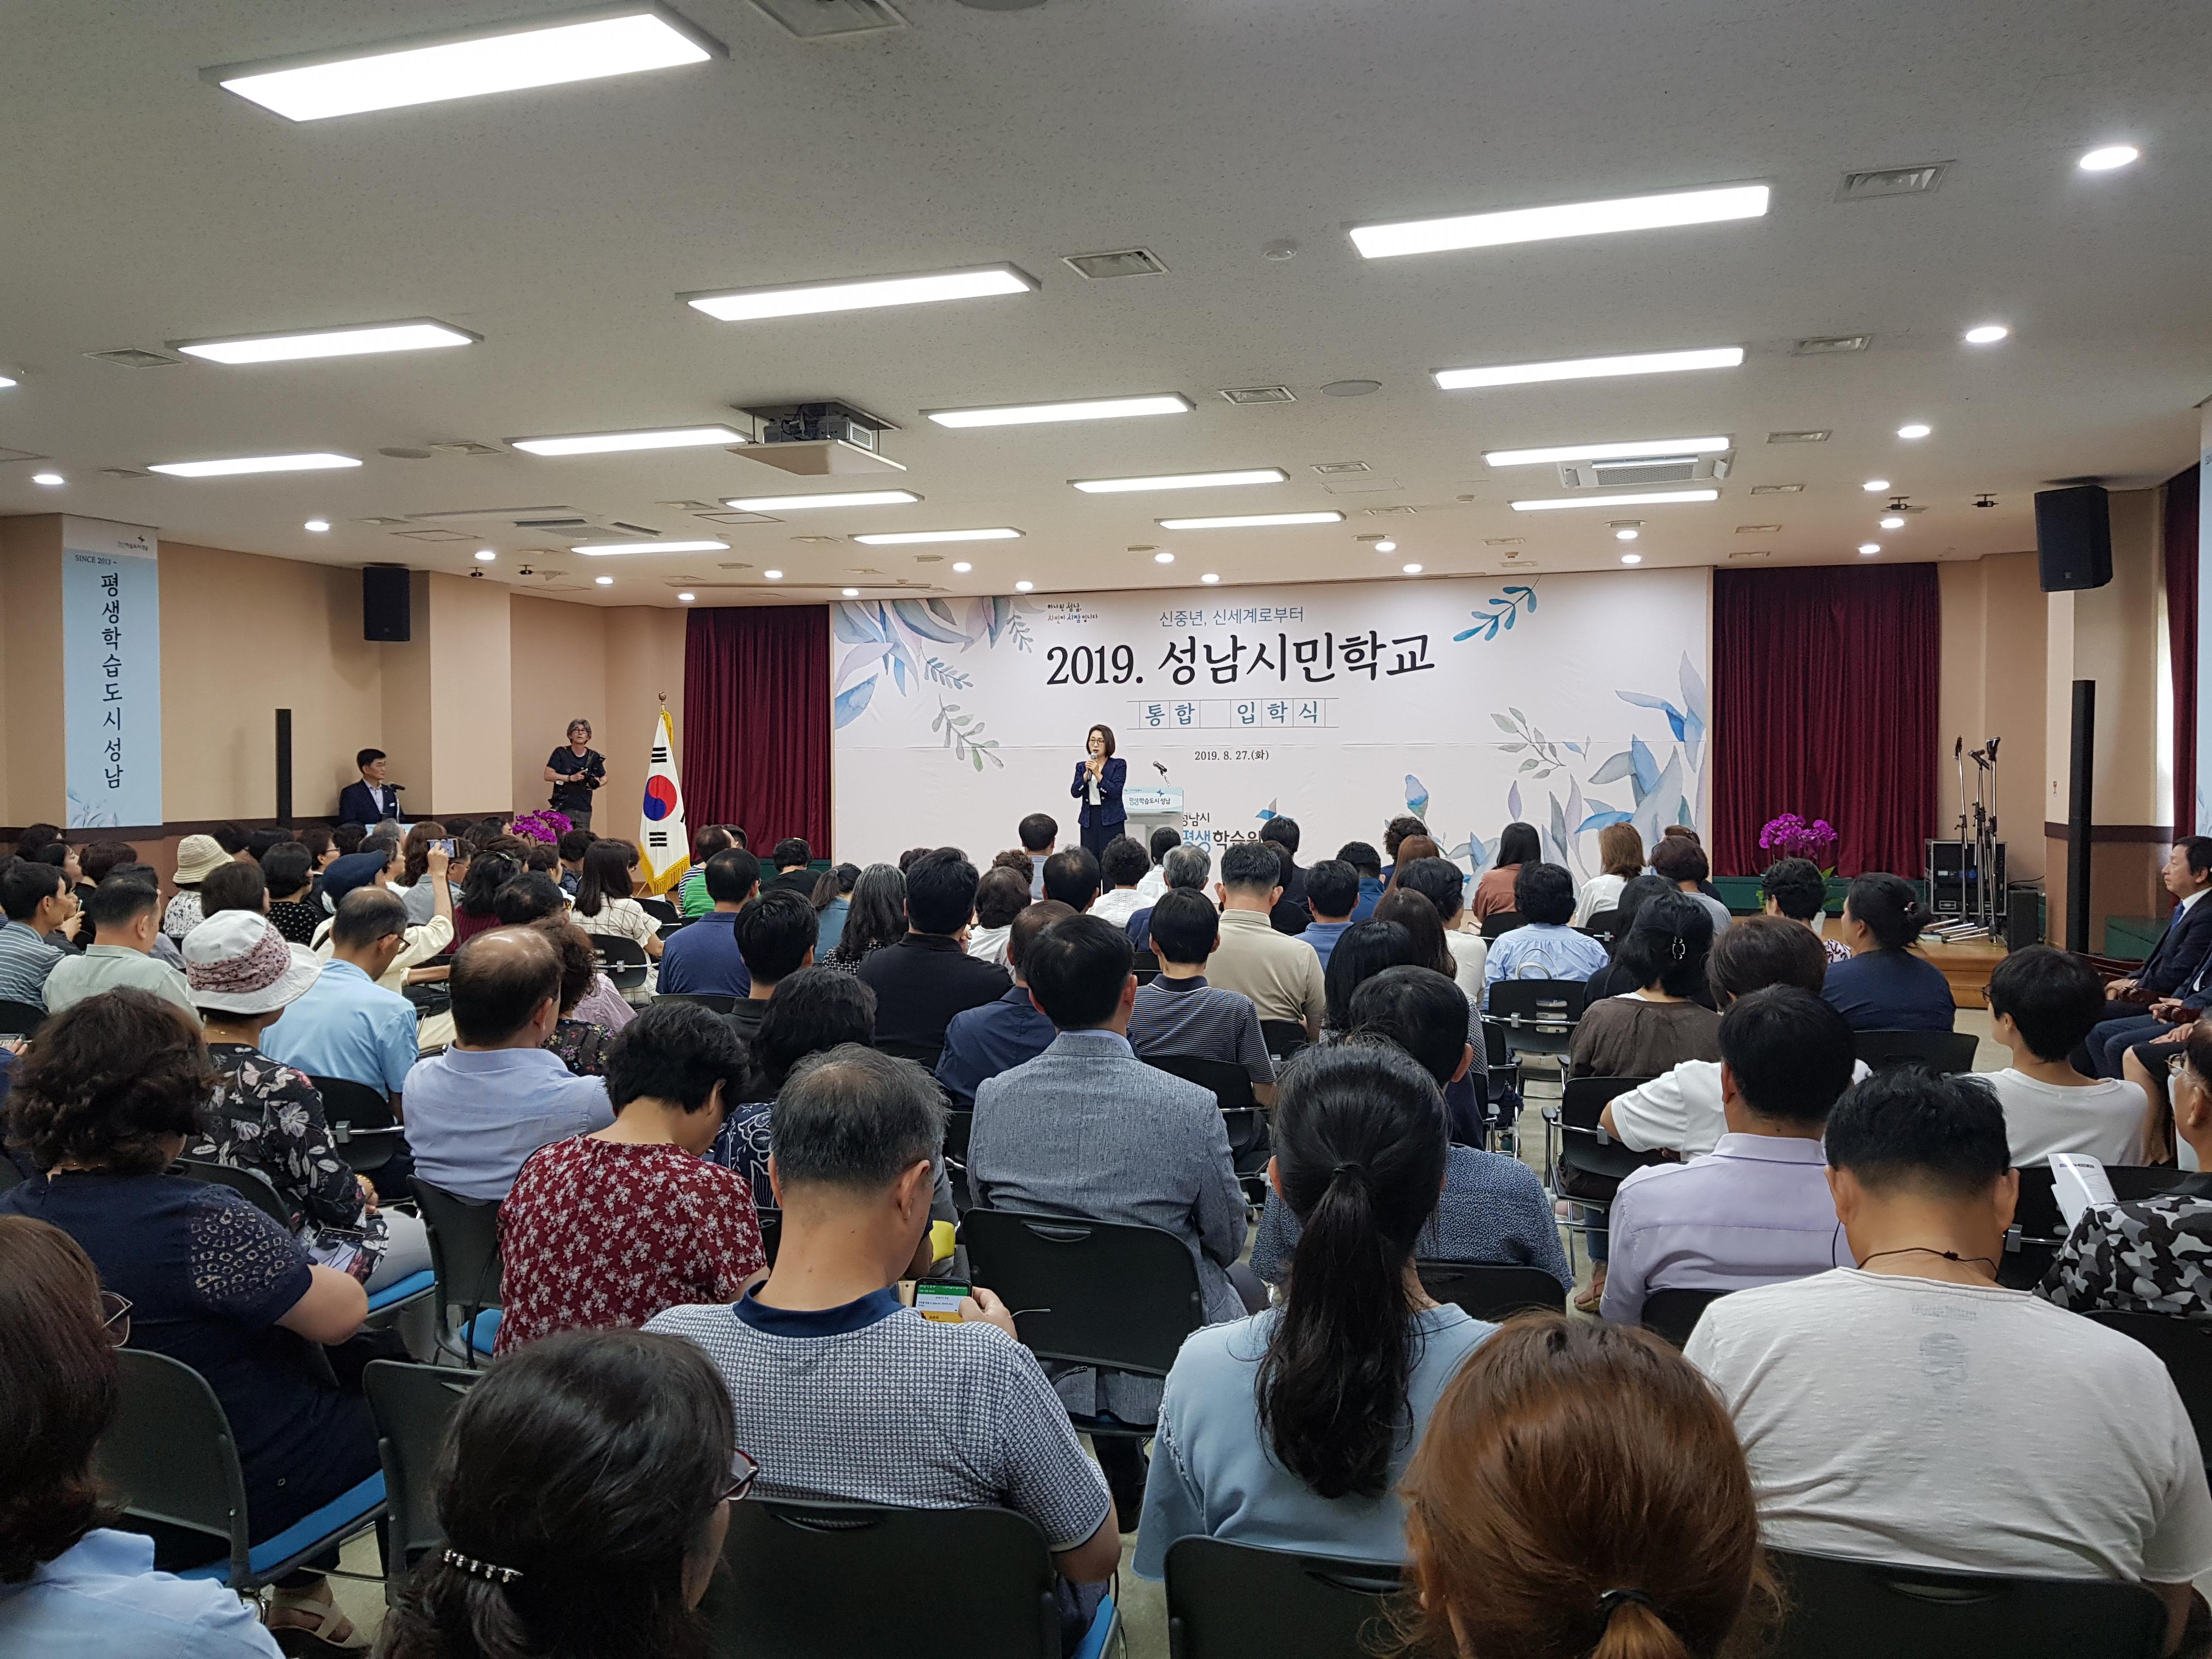 2019 성남시민학교 입학식